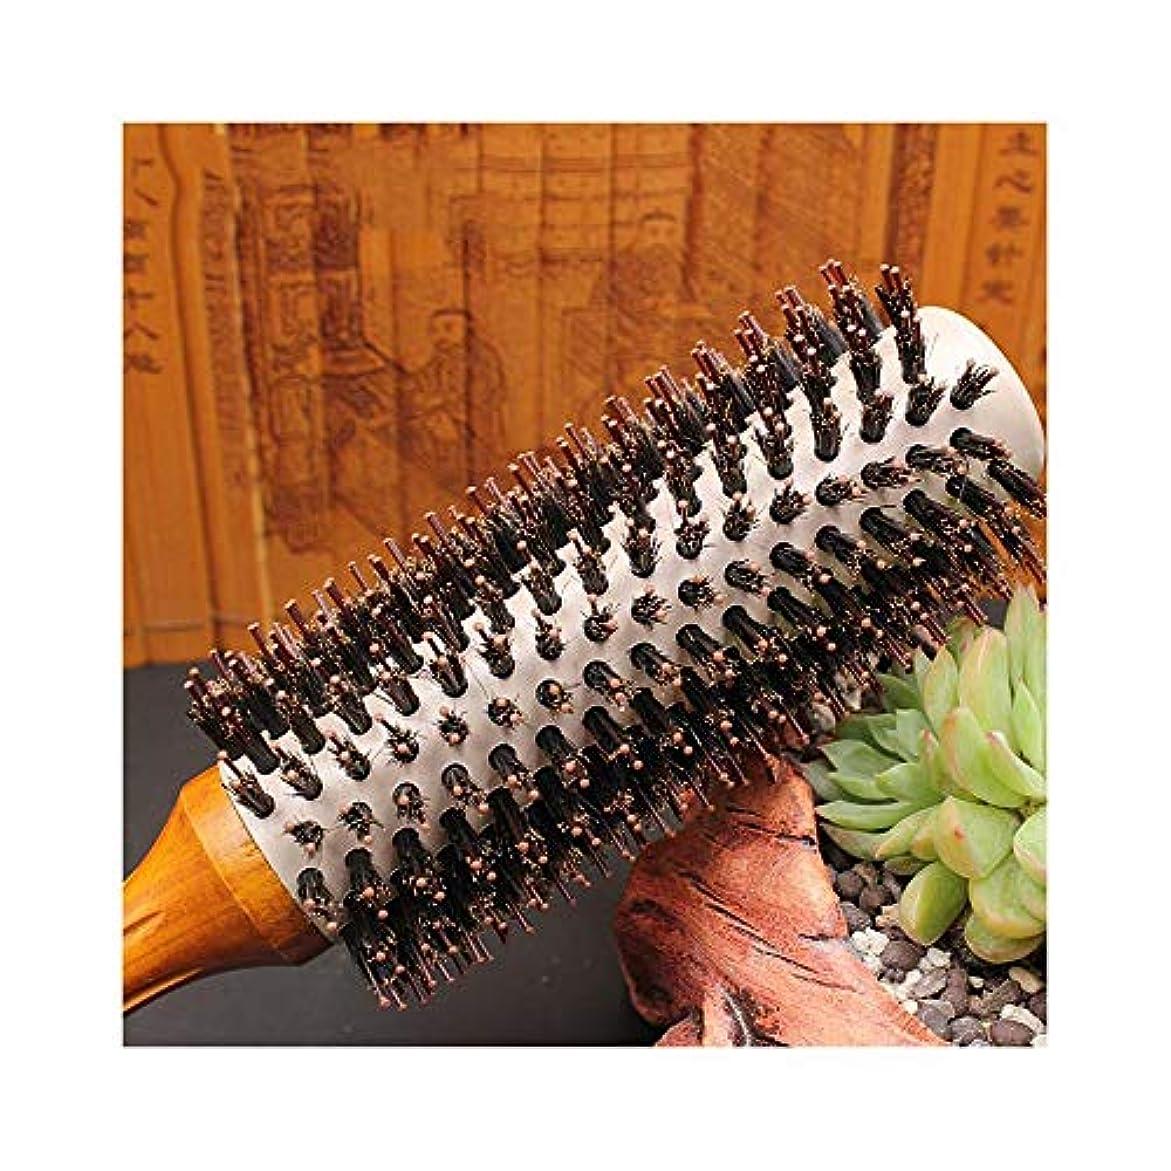 小川著作権五十すべてのヘアスタイルのためにイノシシ毛&ナイロンピン - イノシシ毛ラウンド櫛ドライヘアブラシブロー ヘアケア (サイズ : XL)